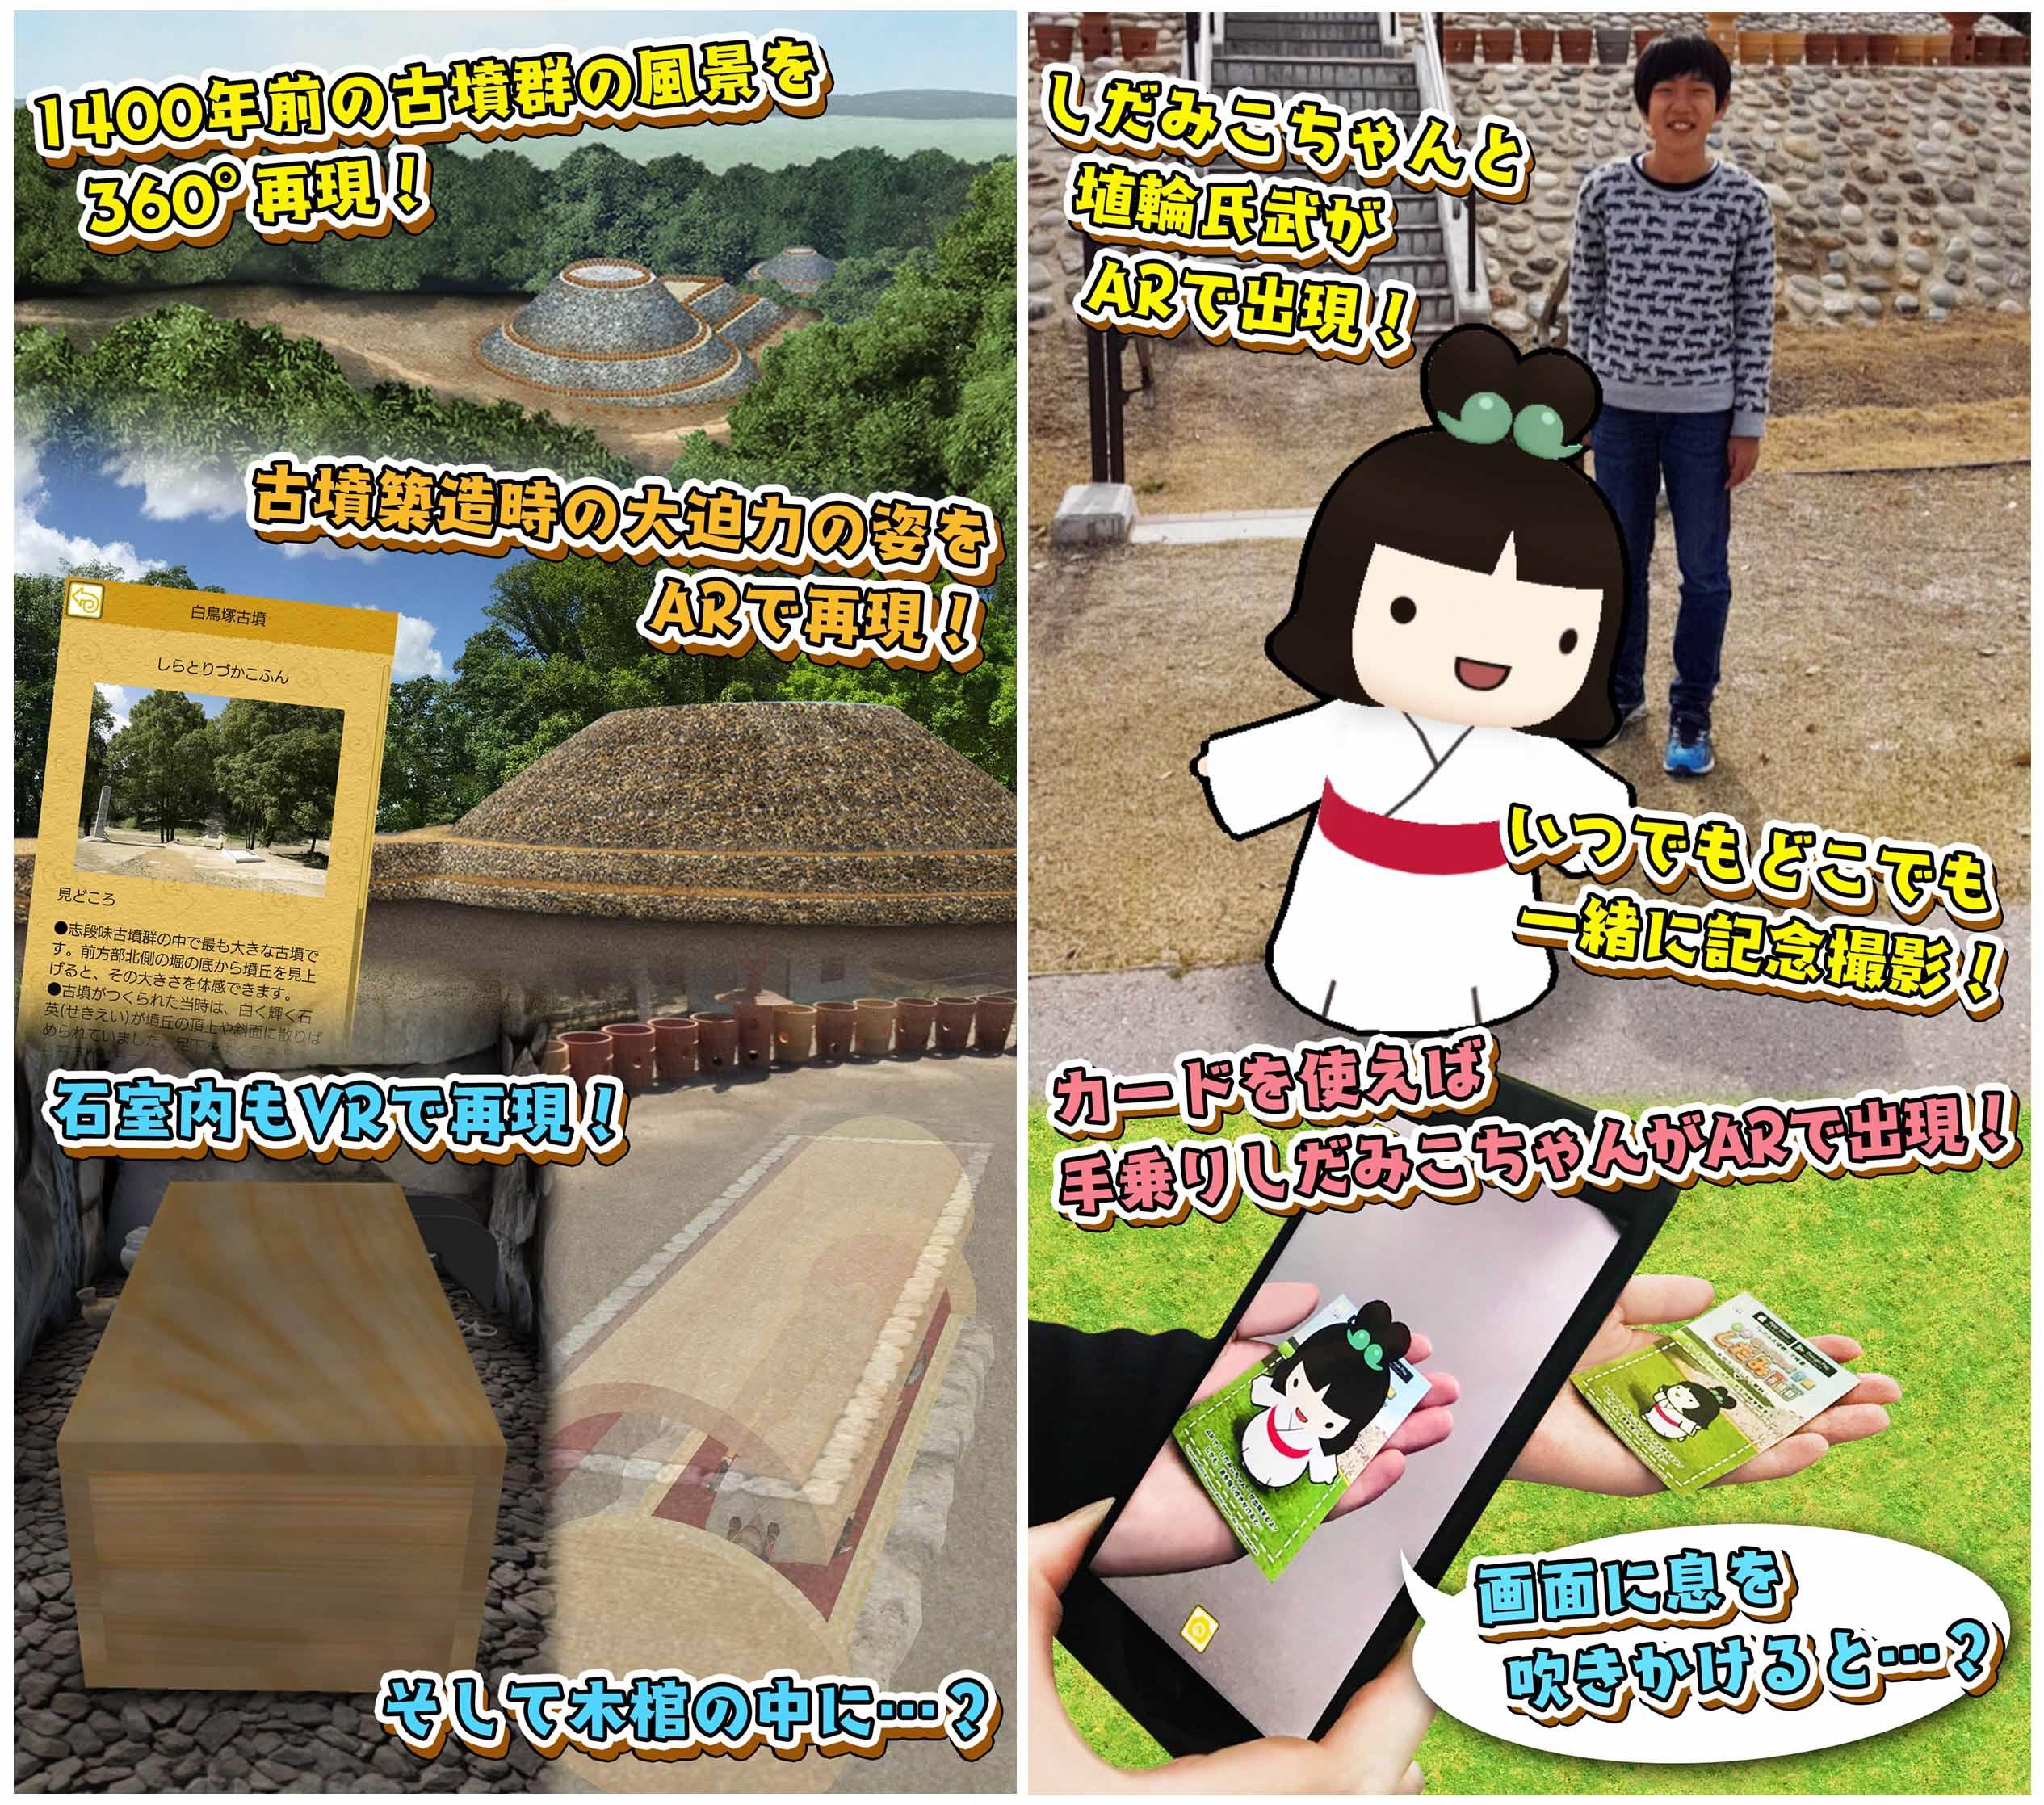 スマートフォンアプリ「Go!Go! しだみ古墳群」を体験できます!イメージ2